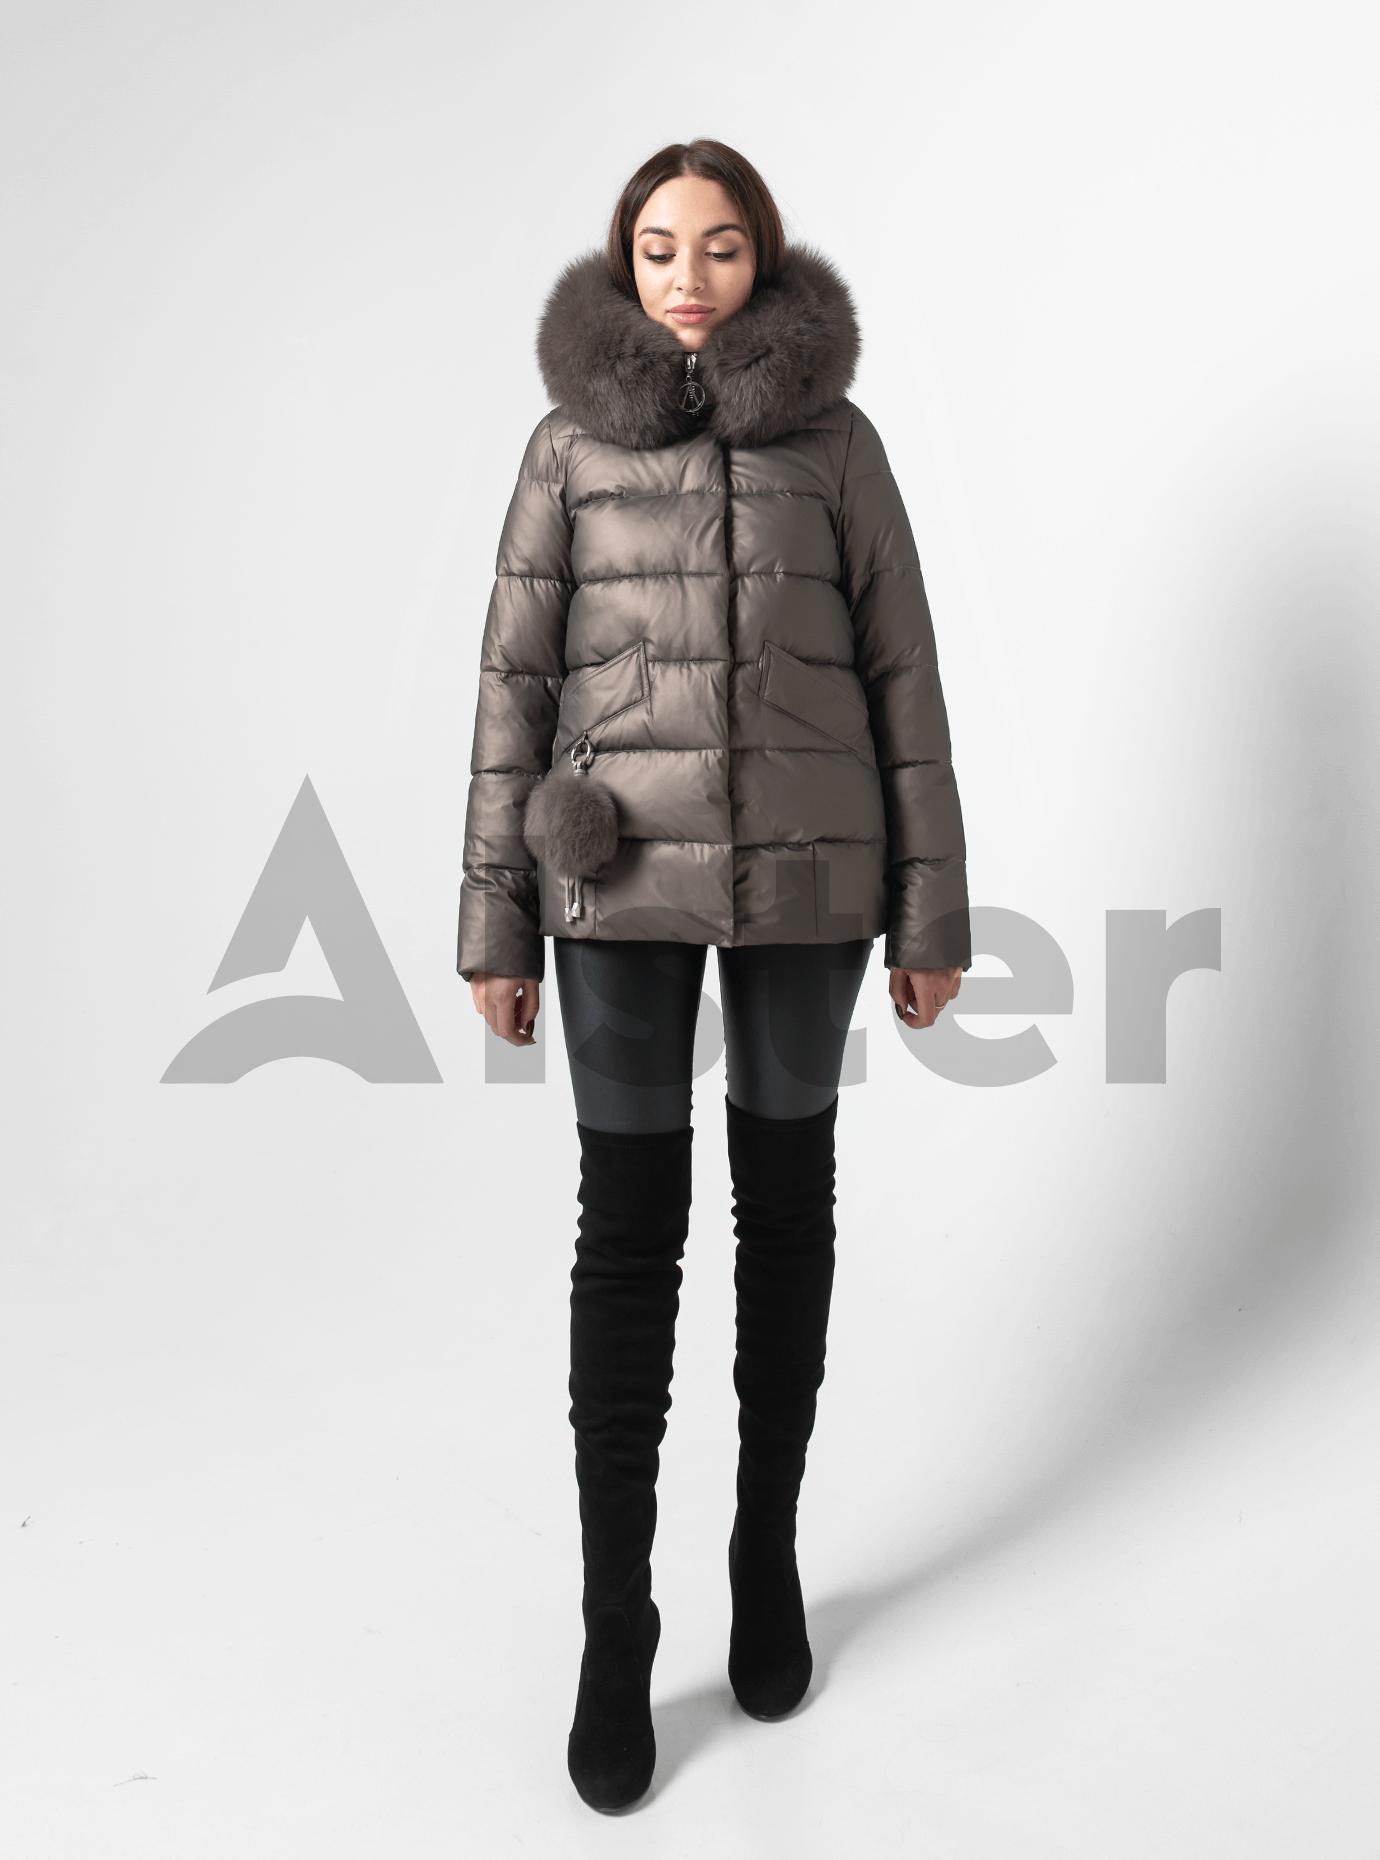 Куртка зимняя короткая с меховой опушкой и брелоком Коричневый M (05-ZL2086): фото - Alster.ua